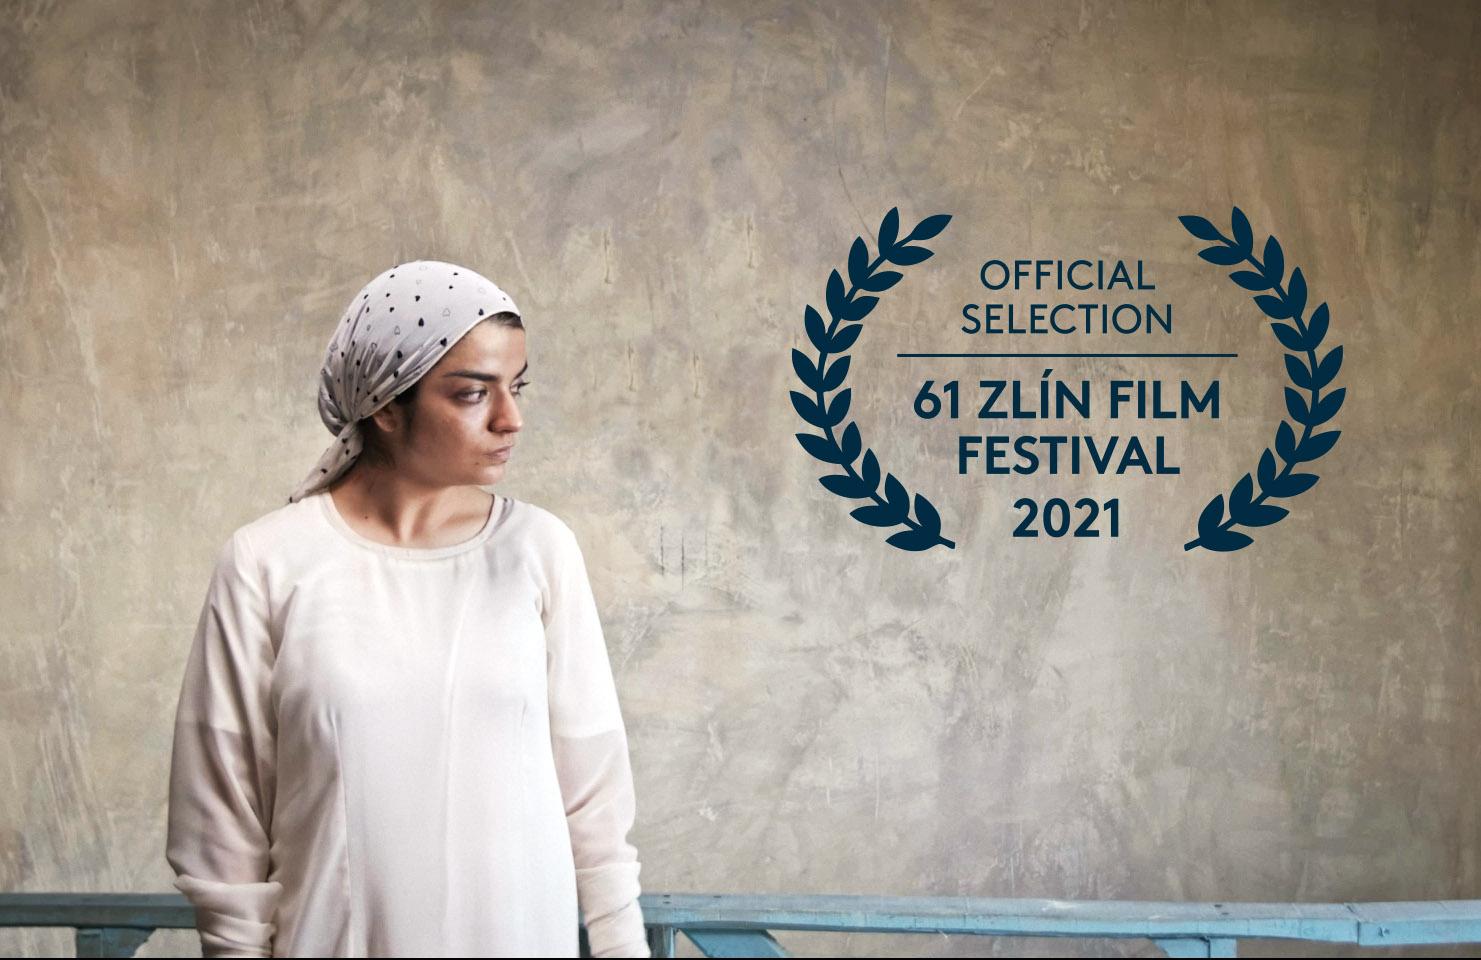 «مادرزاد» در جشنواره فیلم زِلین